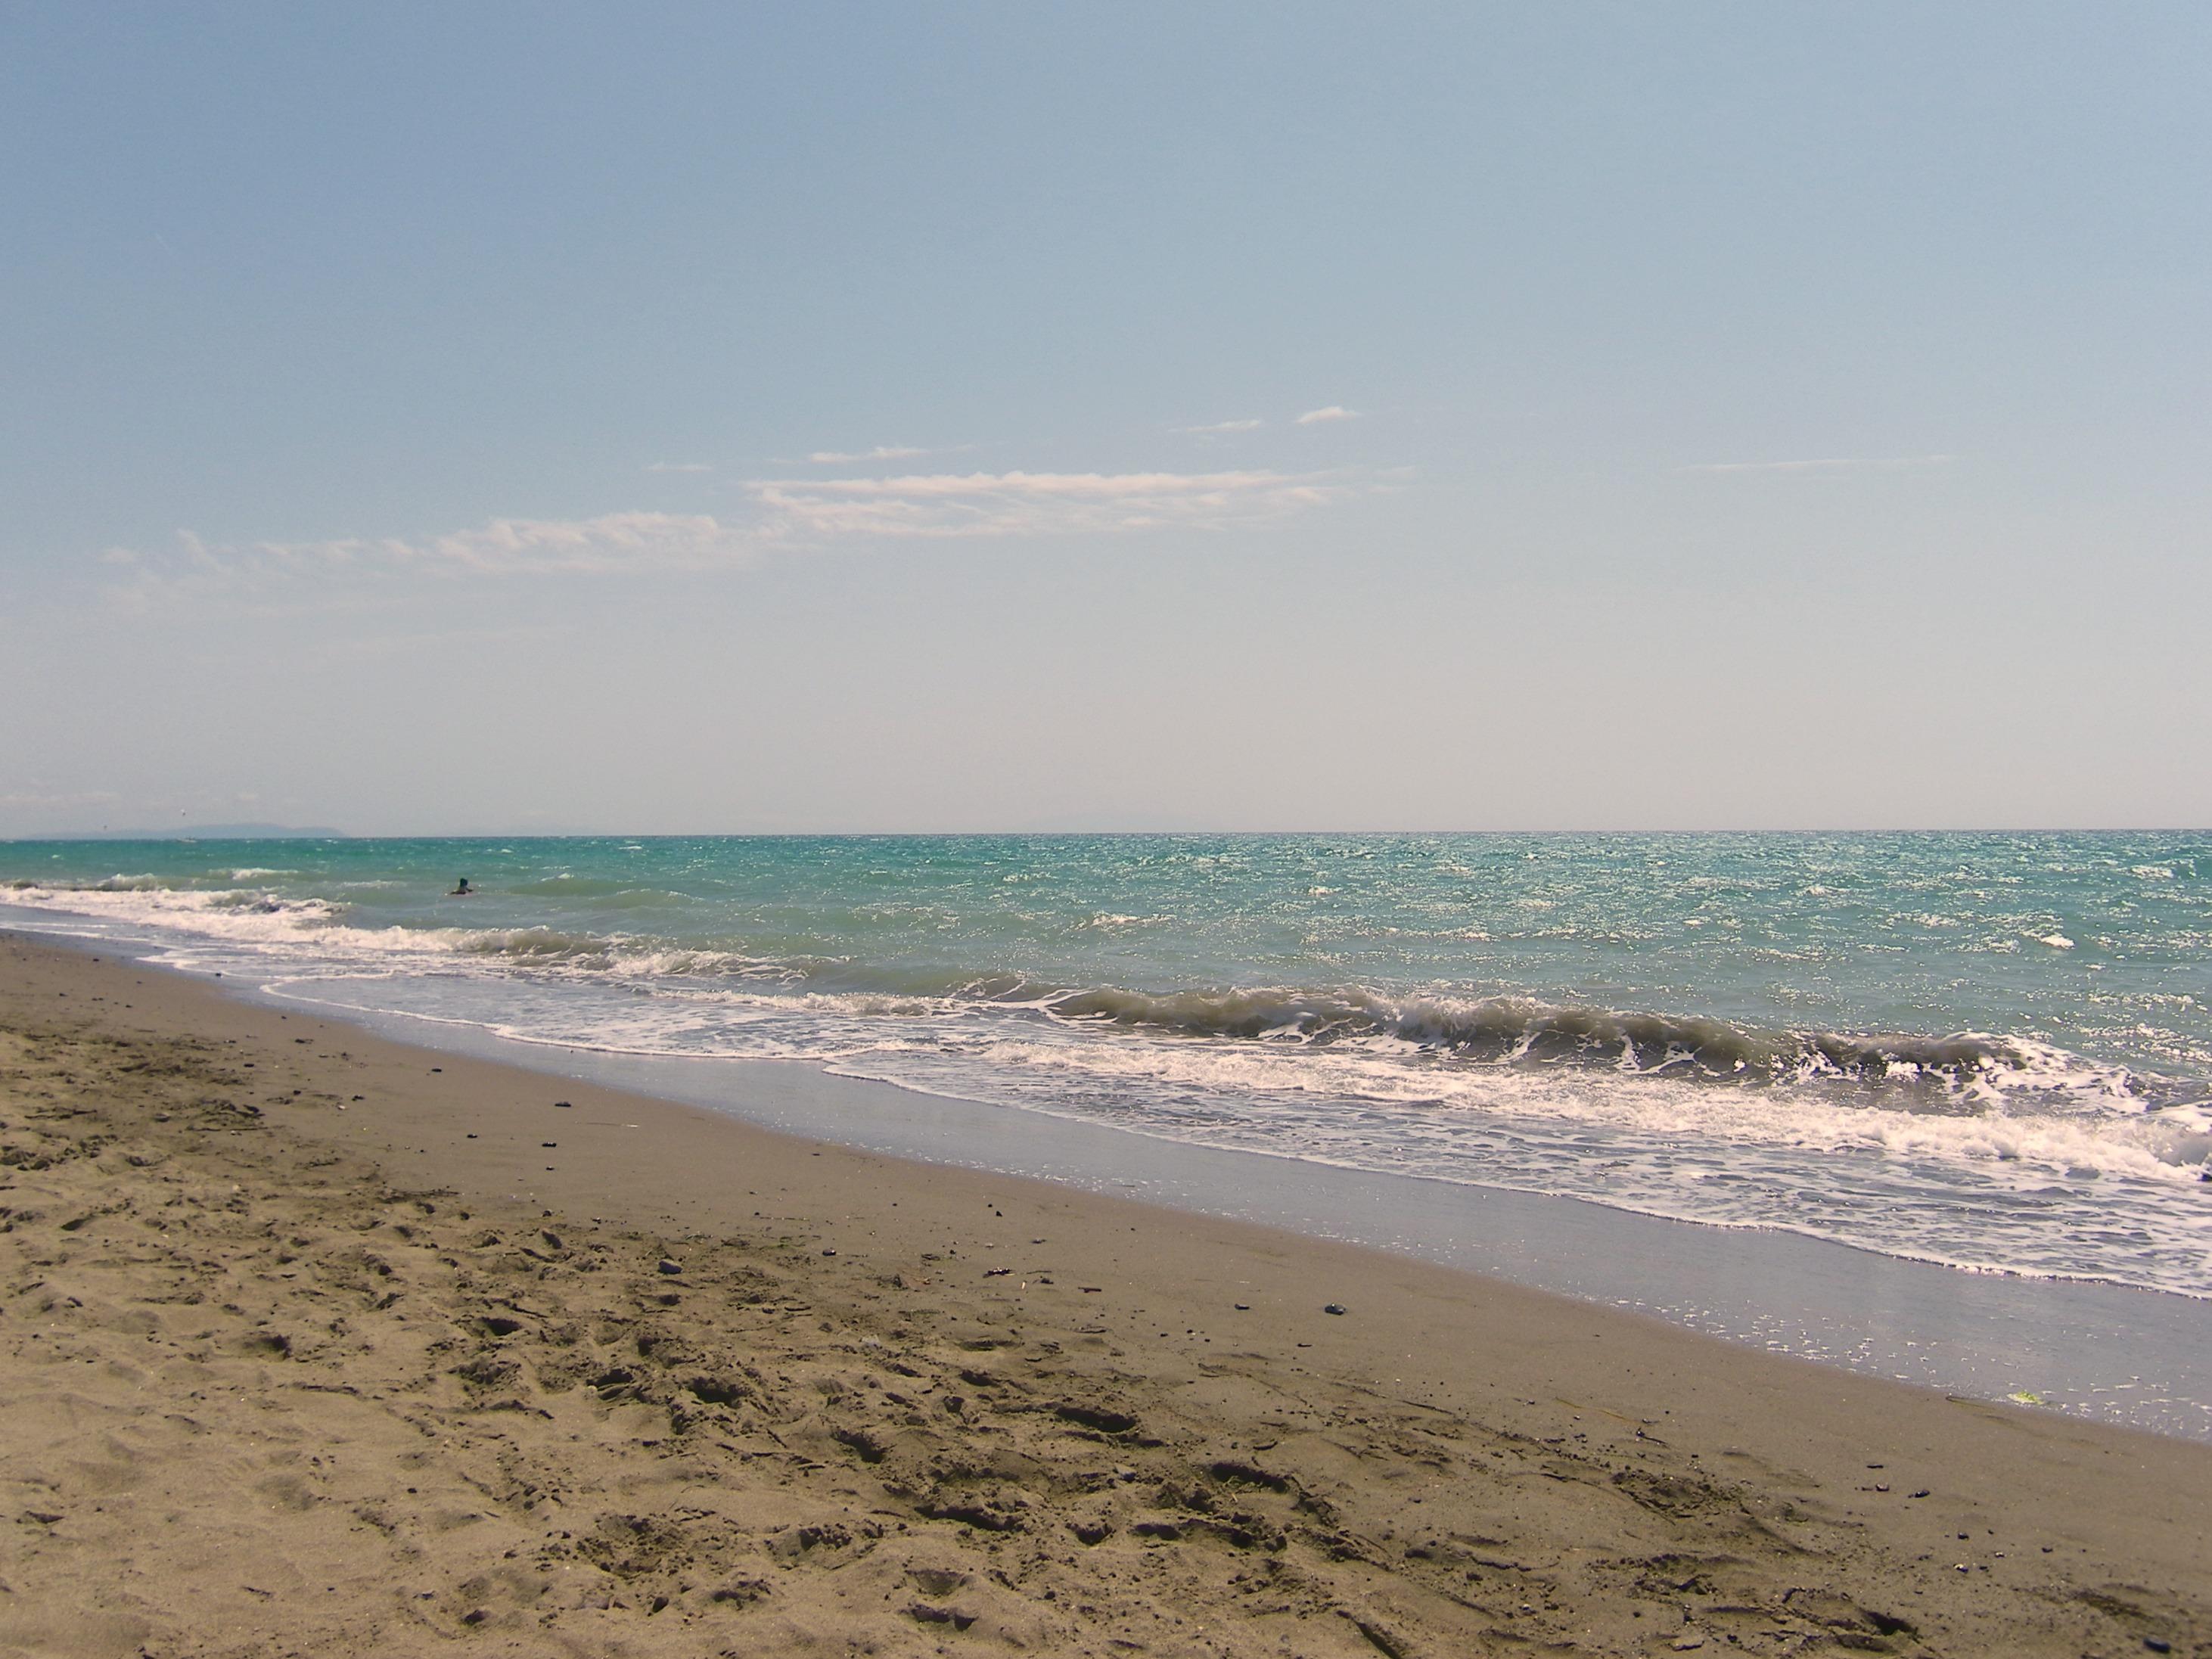 Mare a Pescara: richieste di istituire il divieto di balneazione permanente